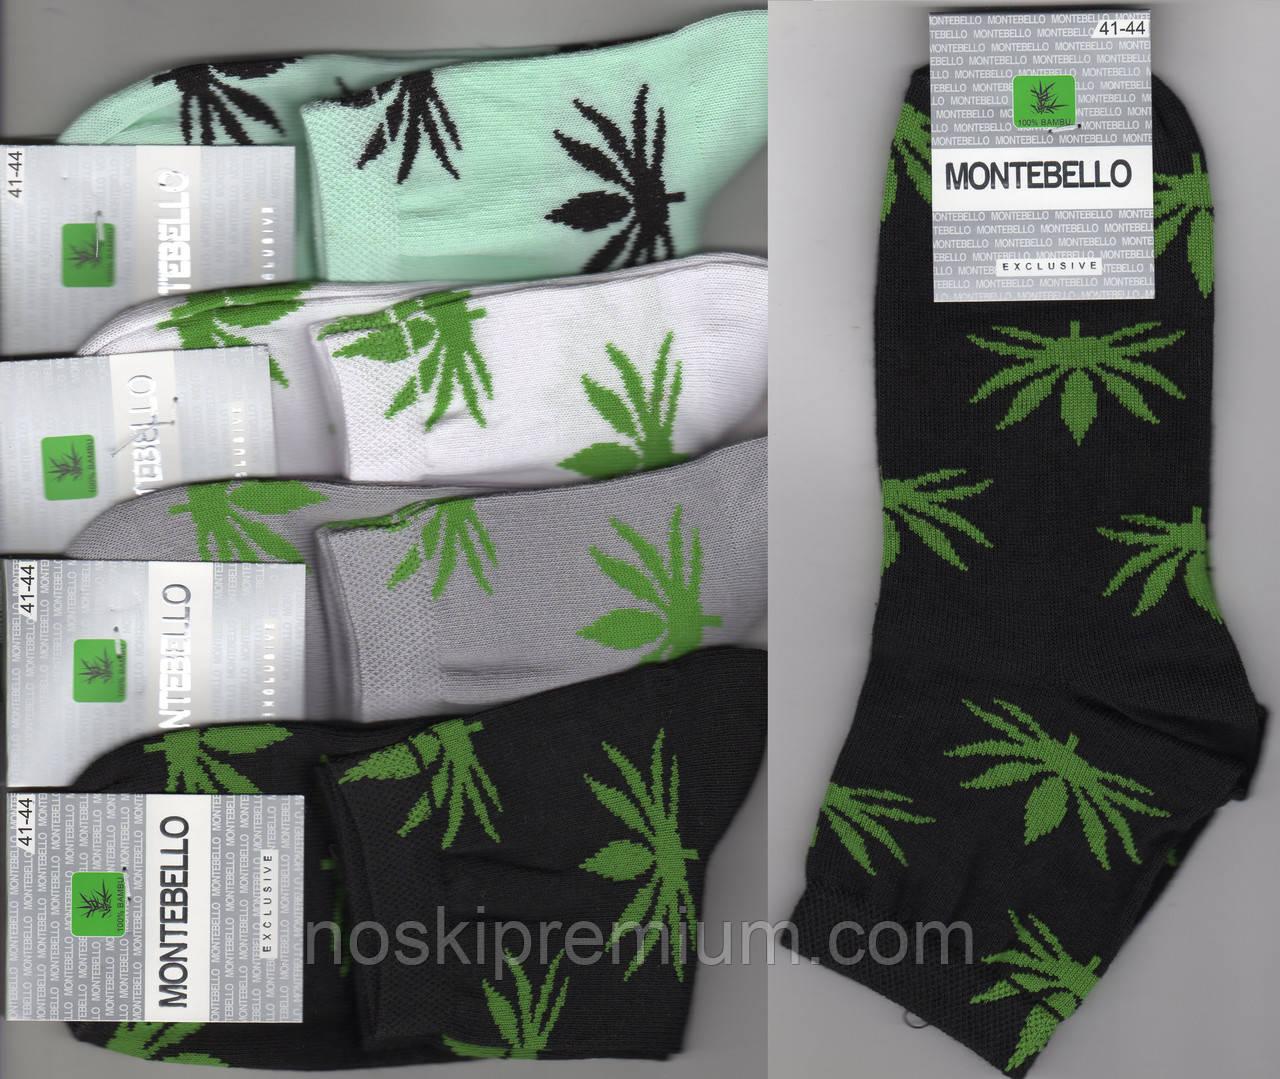 Носки мужские демисезонные х/б Montebello с приколами, 41-44 размер, средние, ассорти, 02138